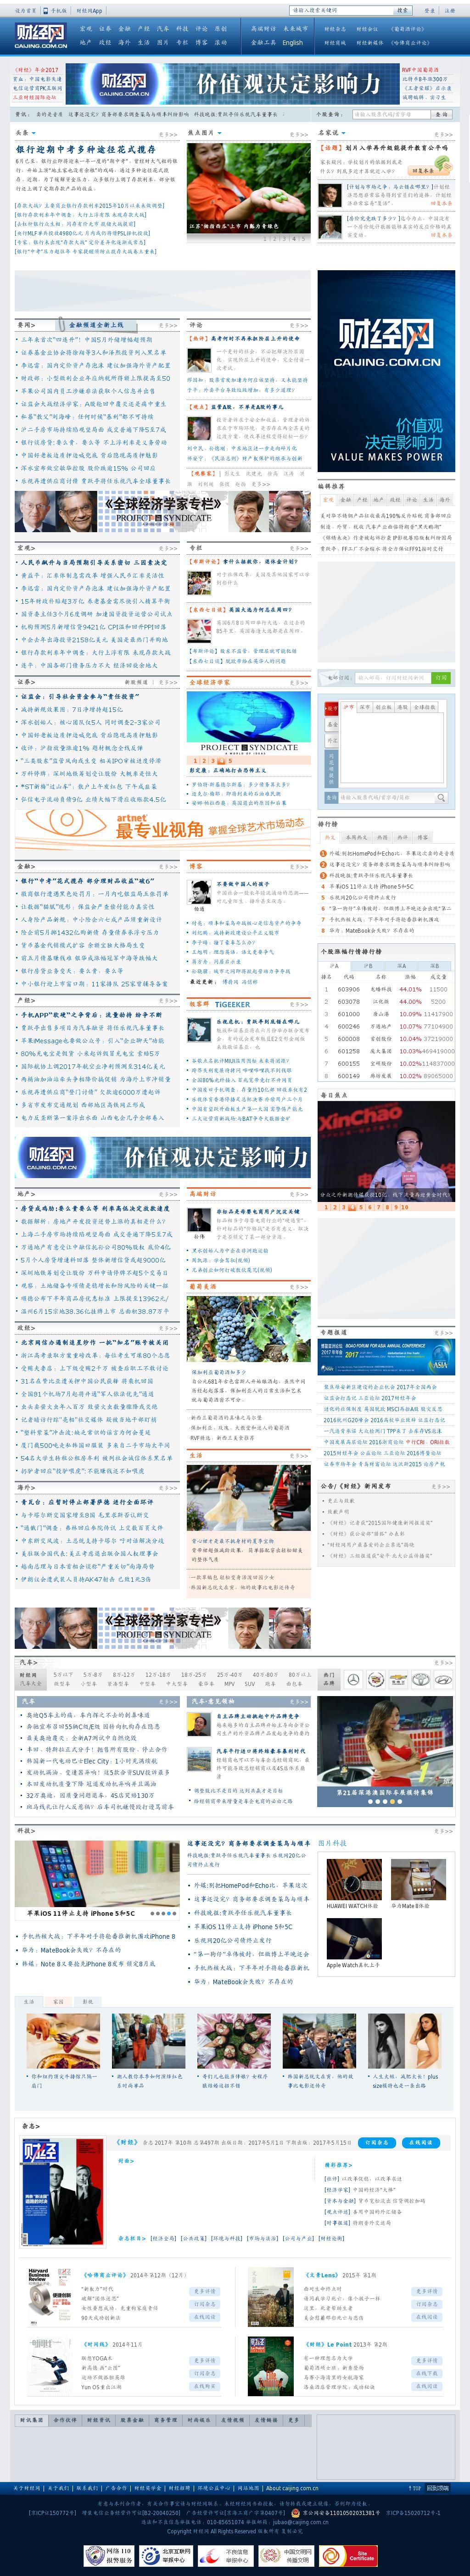 Caijing at Wednesday June 7, 2017, 5:02 p.m. UTC